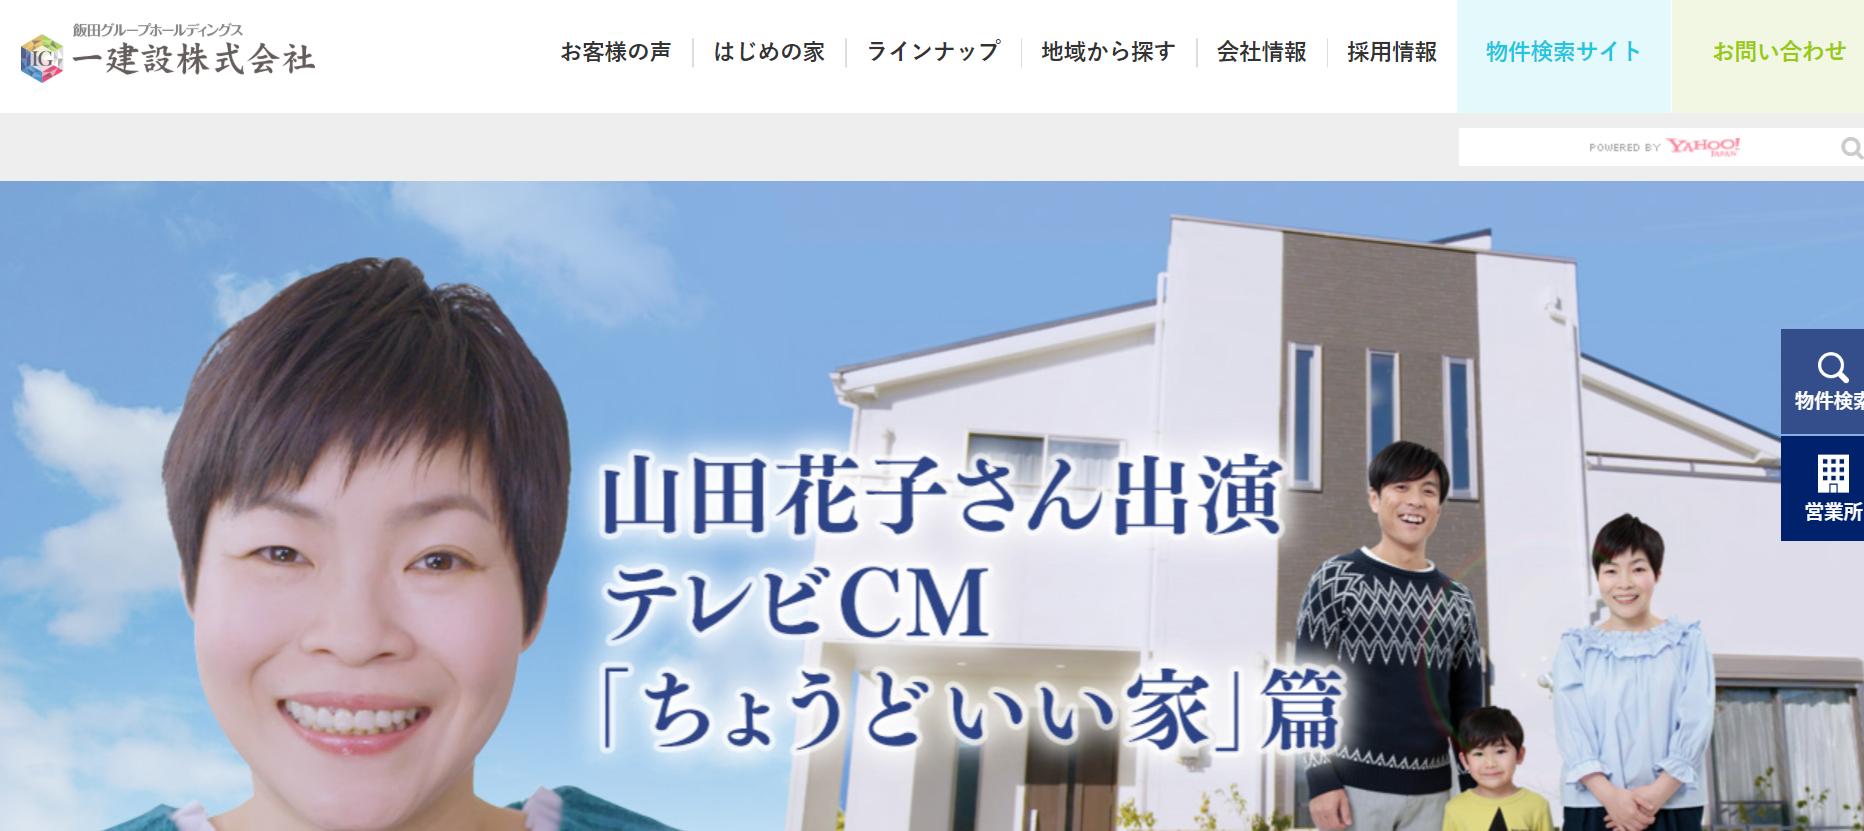 一建設の評判・口コミ【静岡/30代女性】